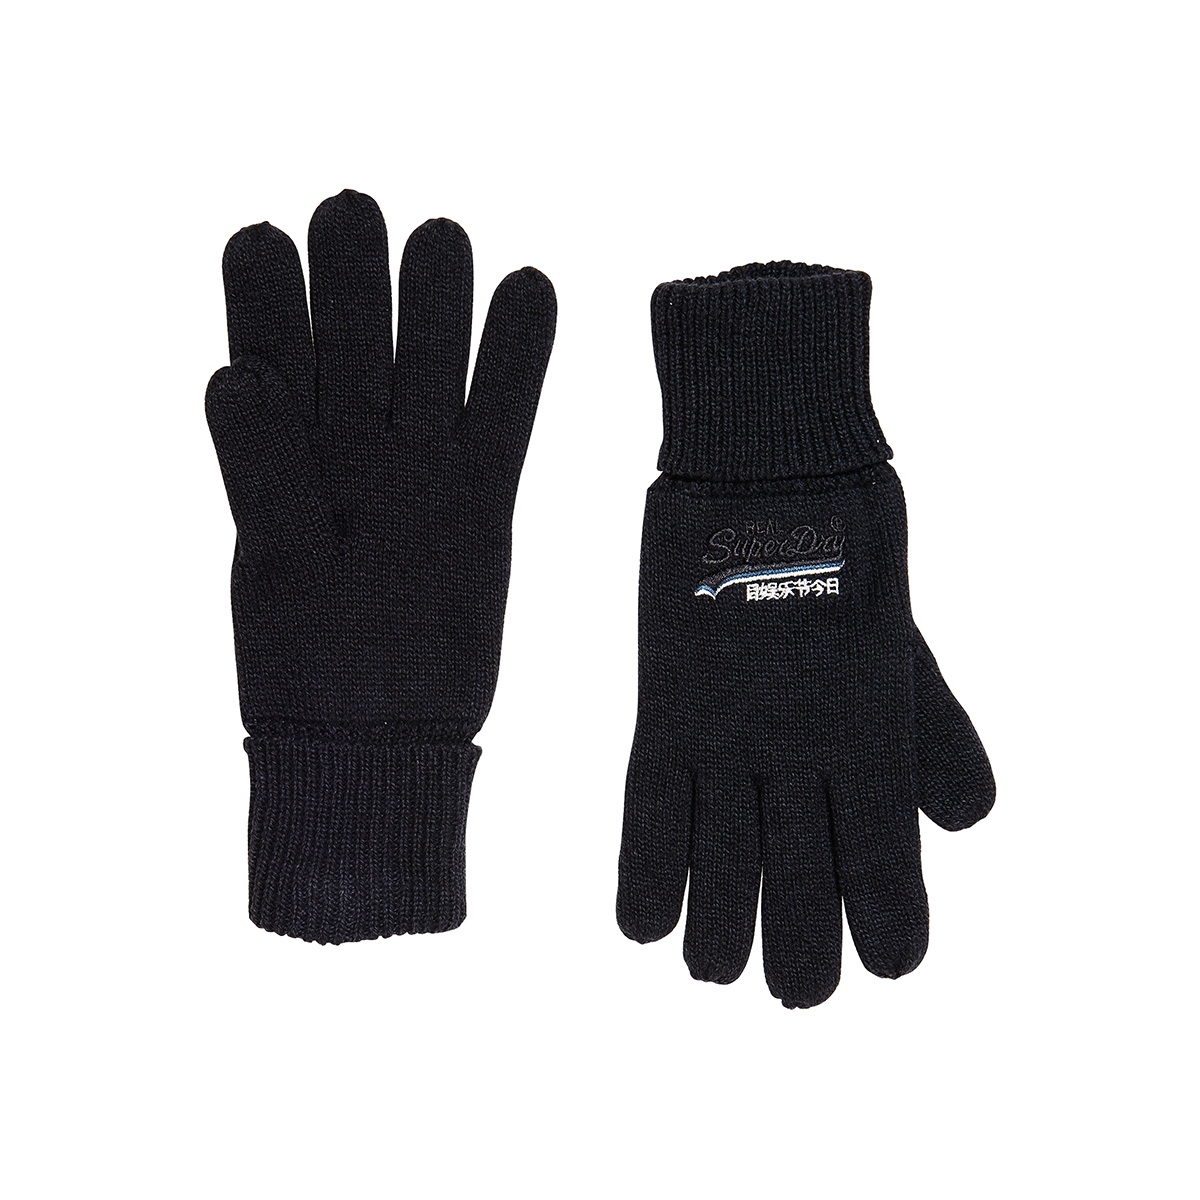 orange label glove m9300003a superdry accessoire navy grit